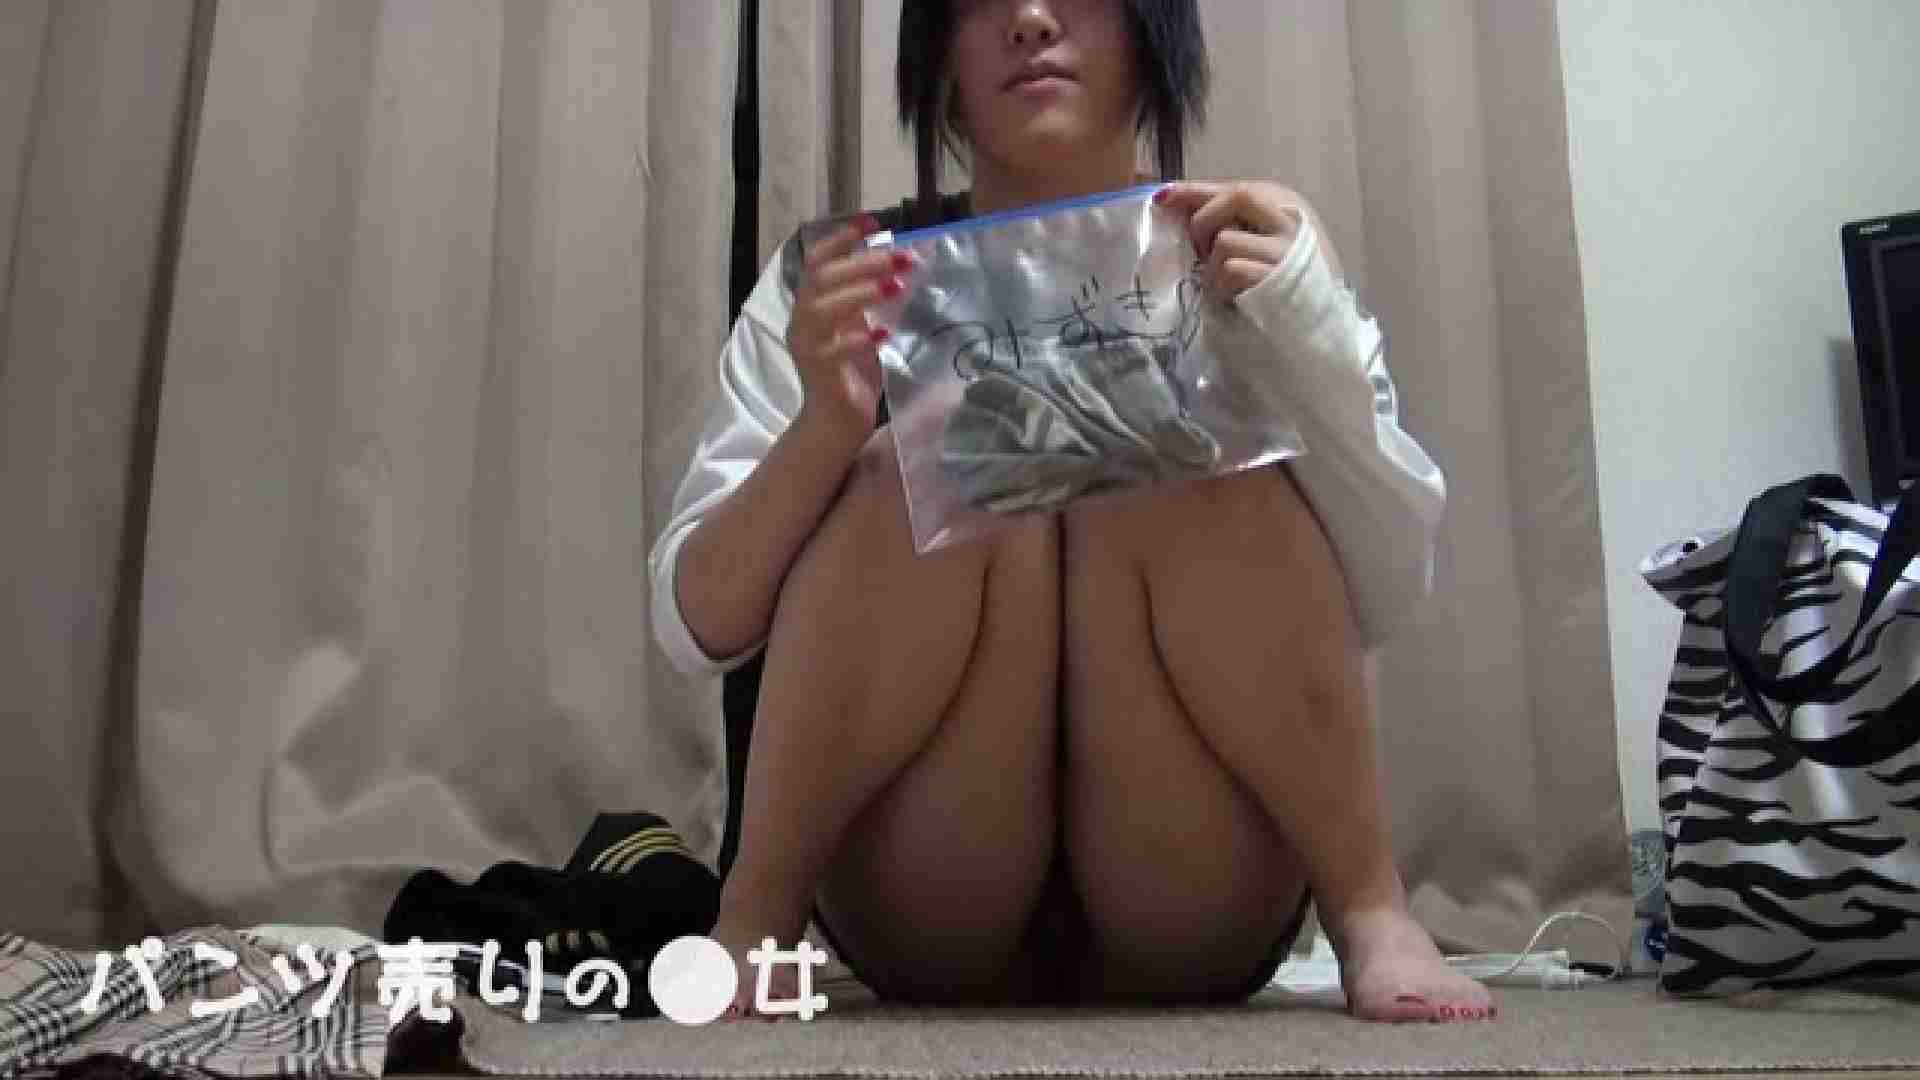 新説 パンツ売りの女の子mizuki02 ギャルすけべ画像 エロ無料画像 25連発 17